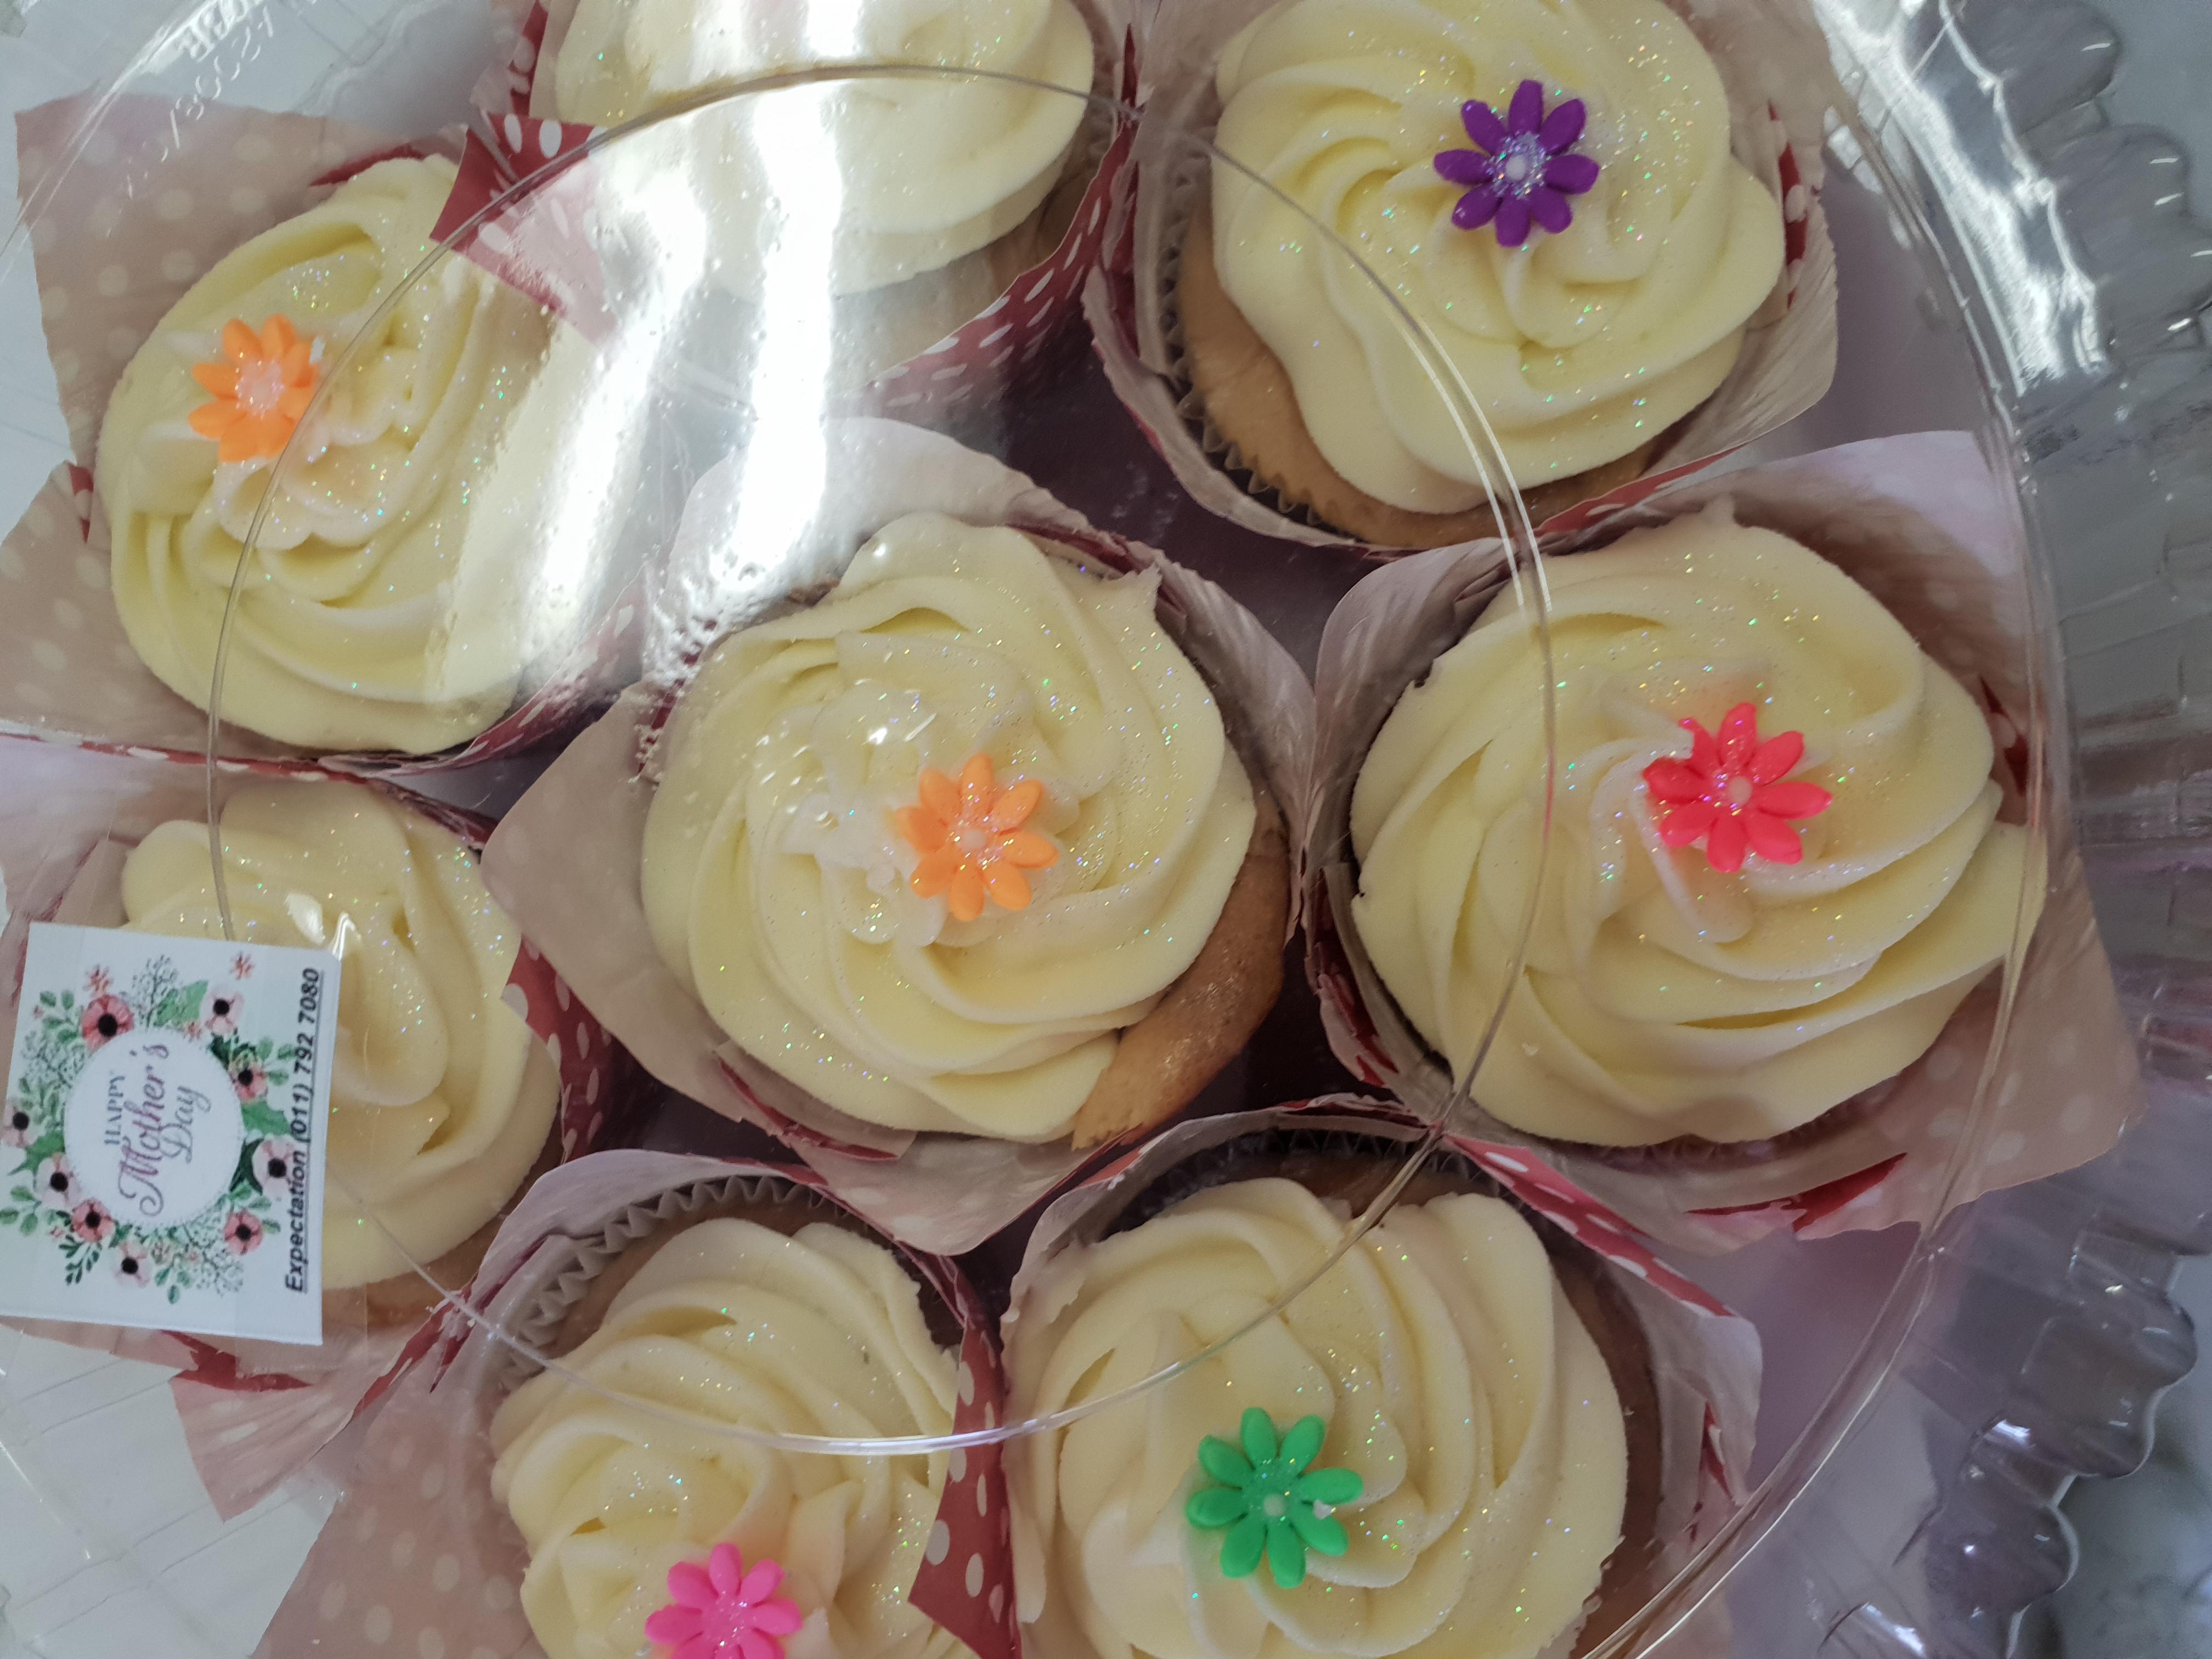 Home Baked Catering Birthday Cakes Snacks Platters Boskruin